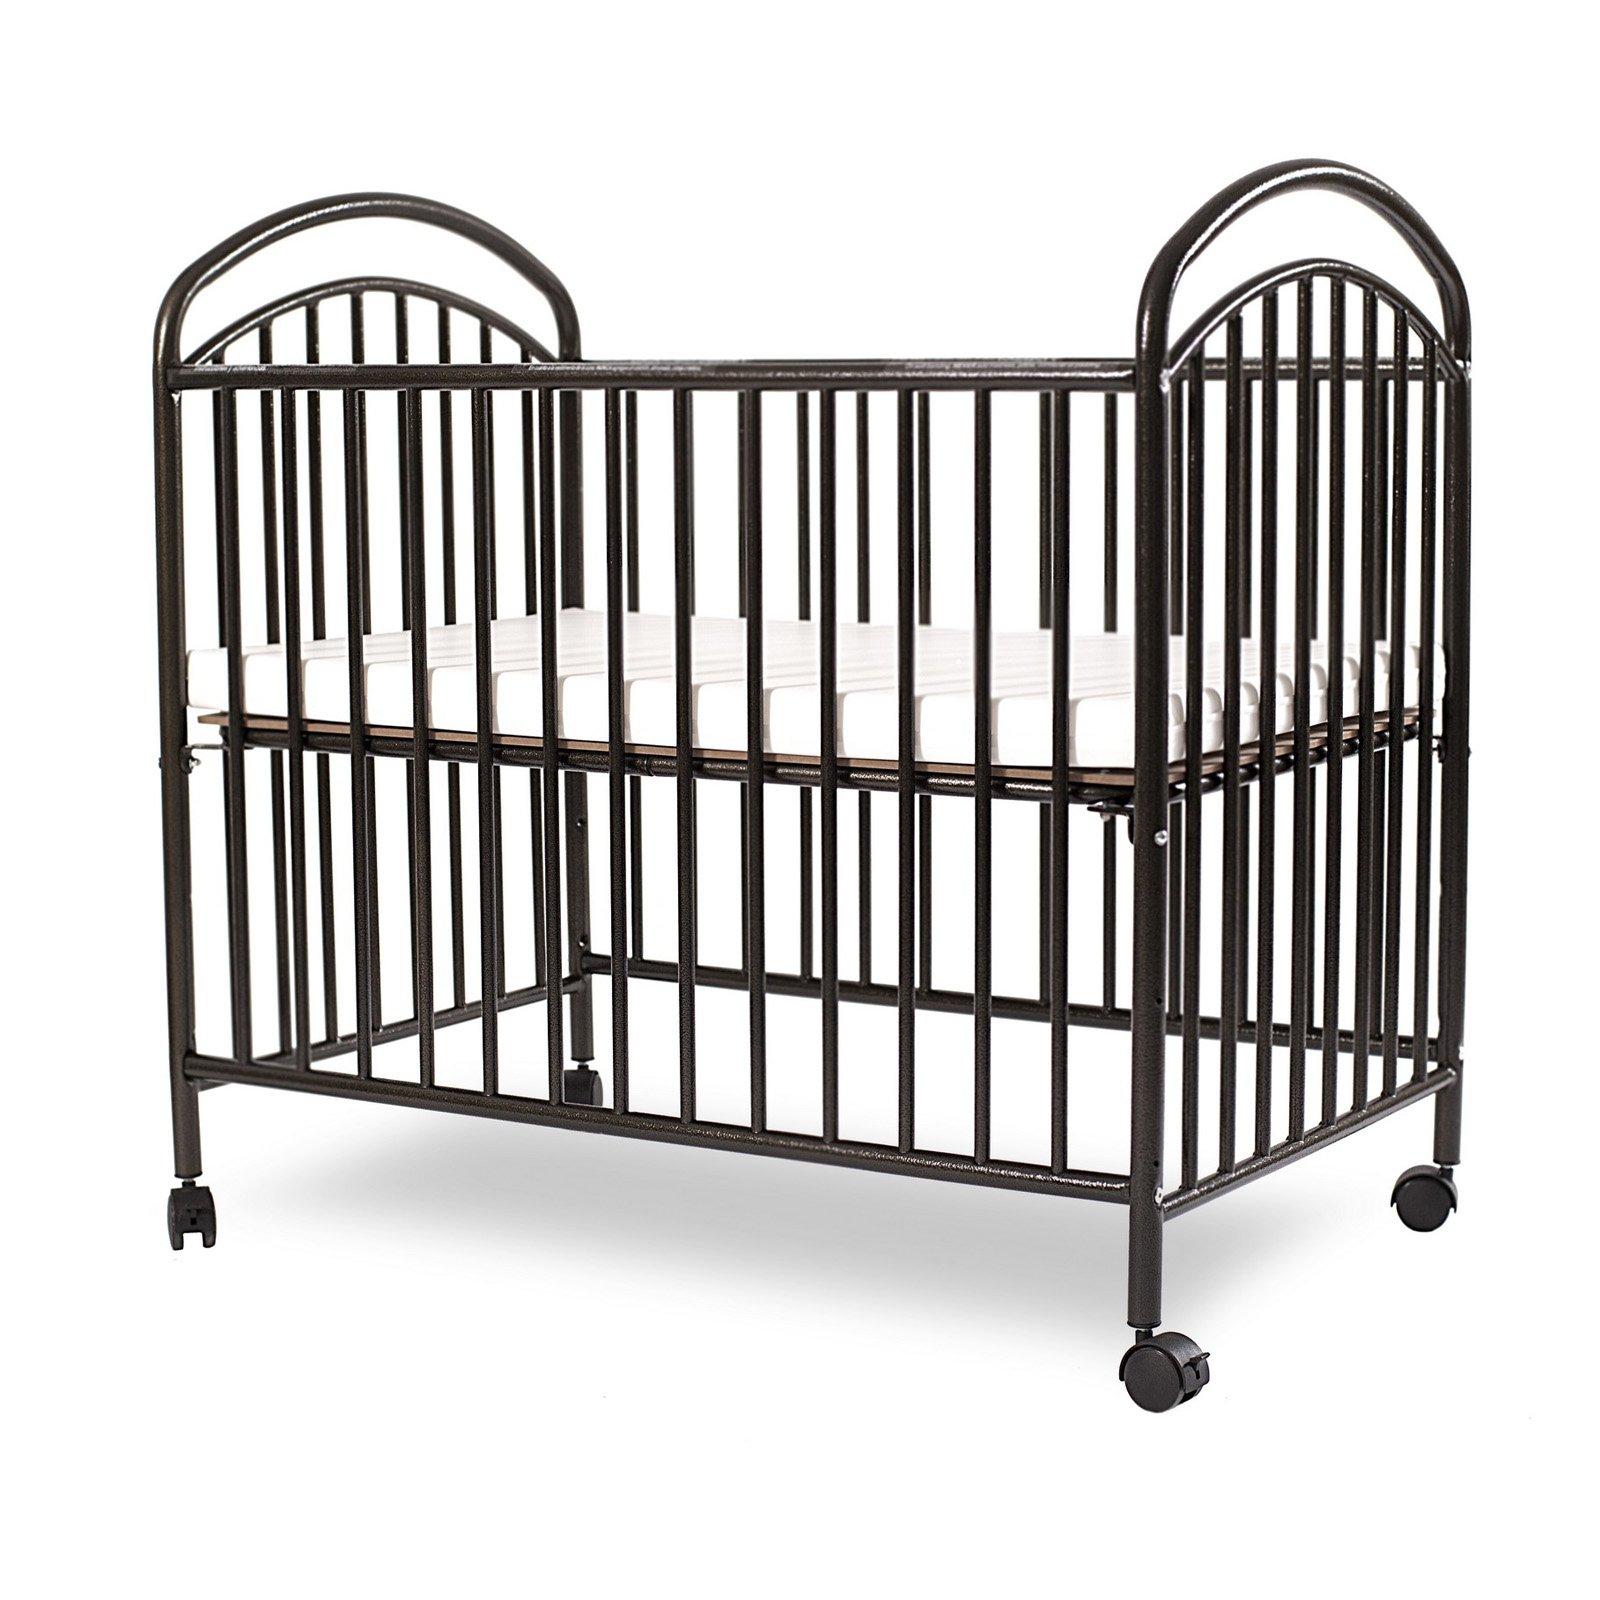 La Baby Classic Arched Mini Portable Crib Walmart Com